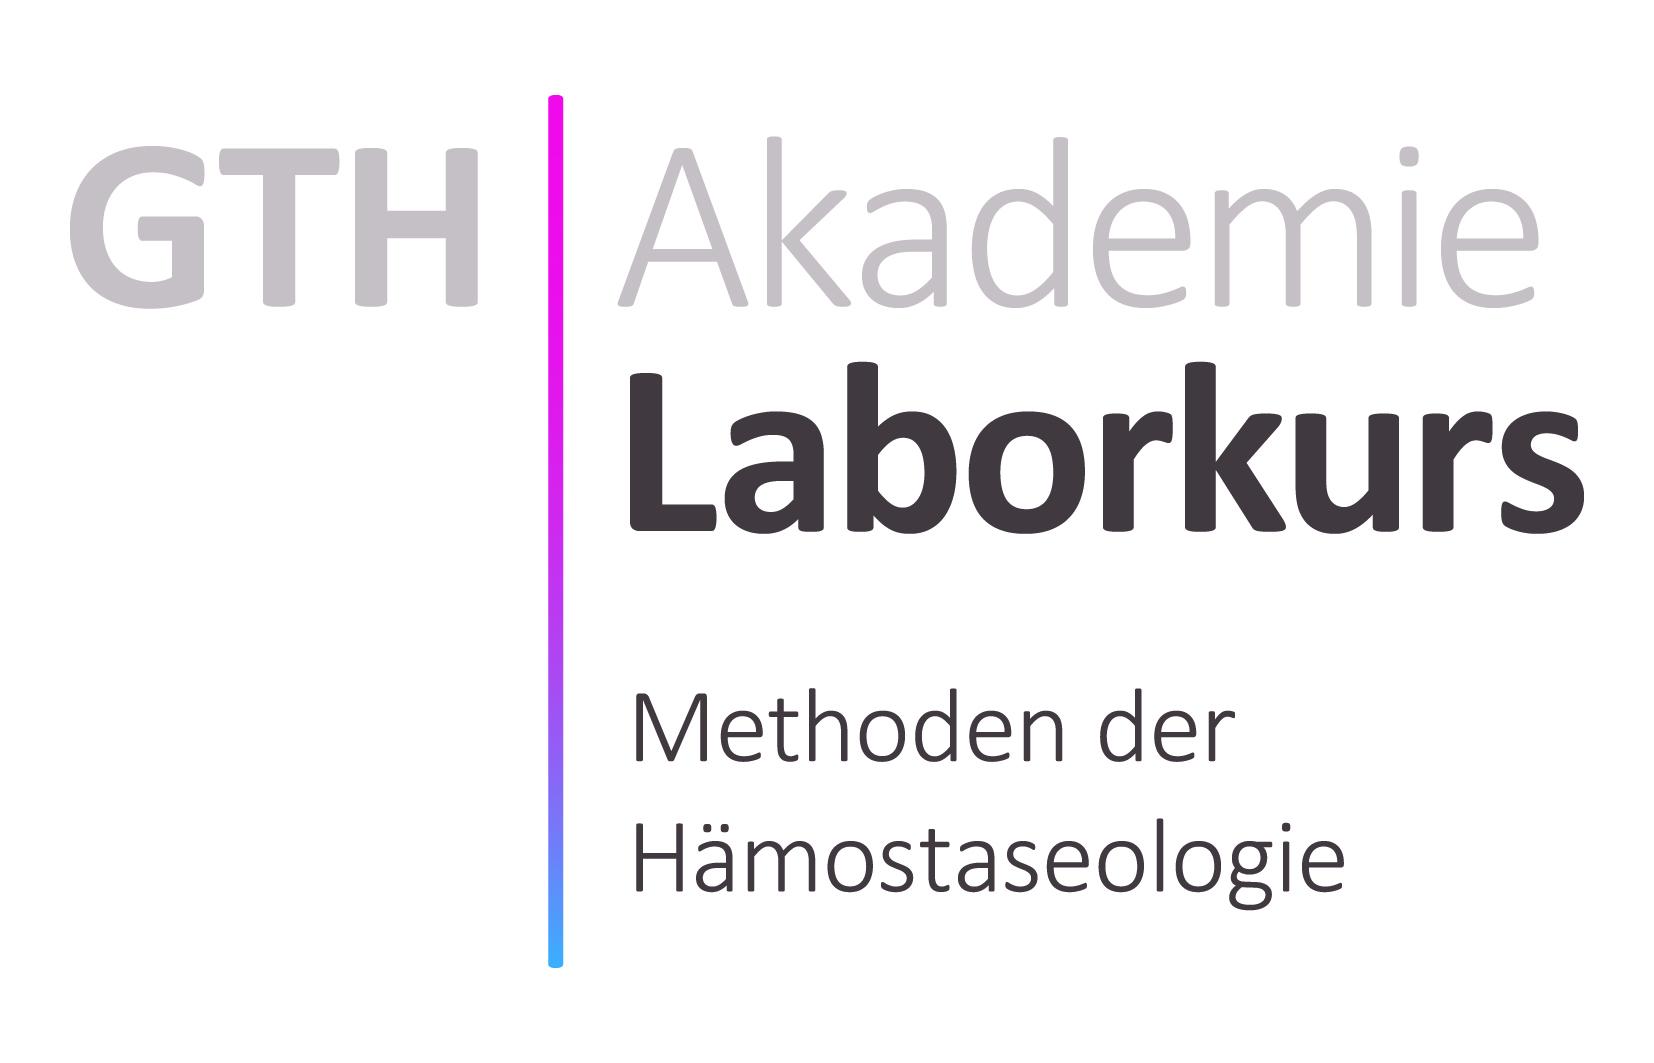 12. Laborkurs – Methoden der Hämostaseologie